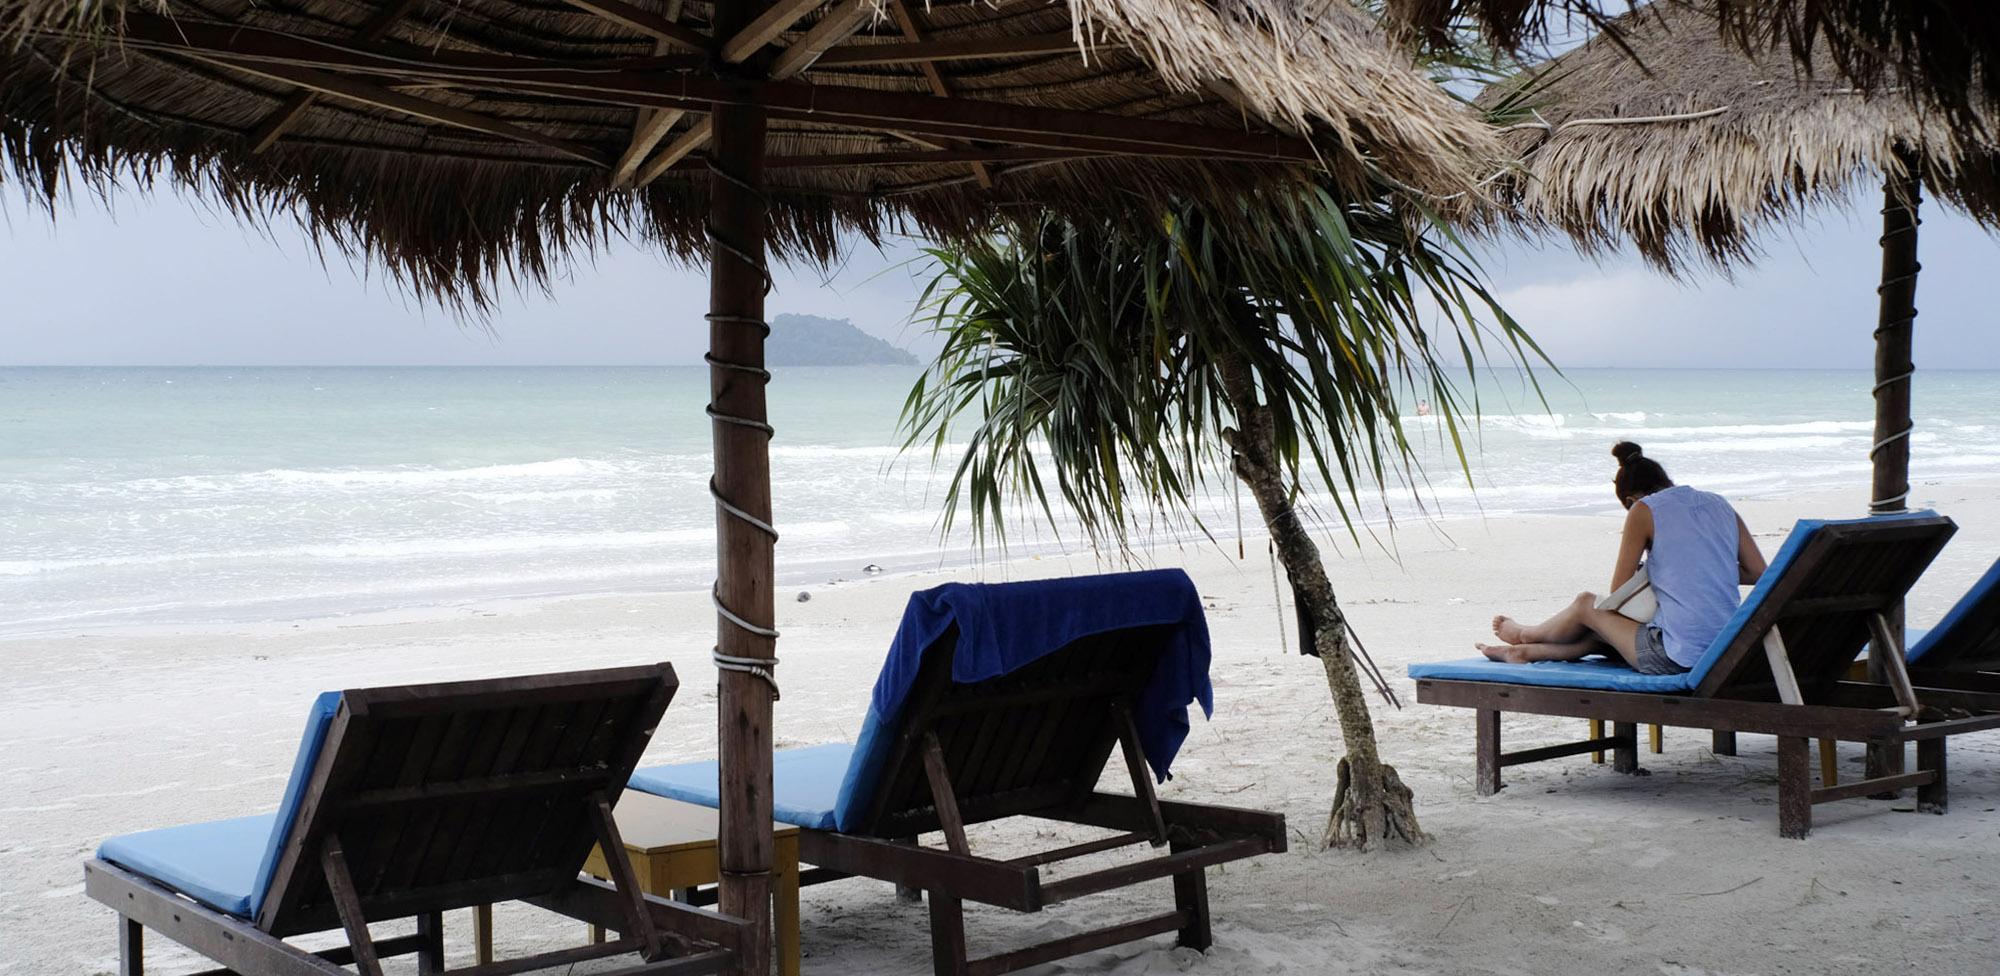 reise-ansichten otres beach columbus